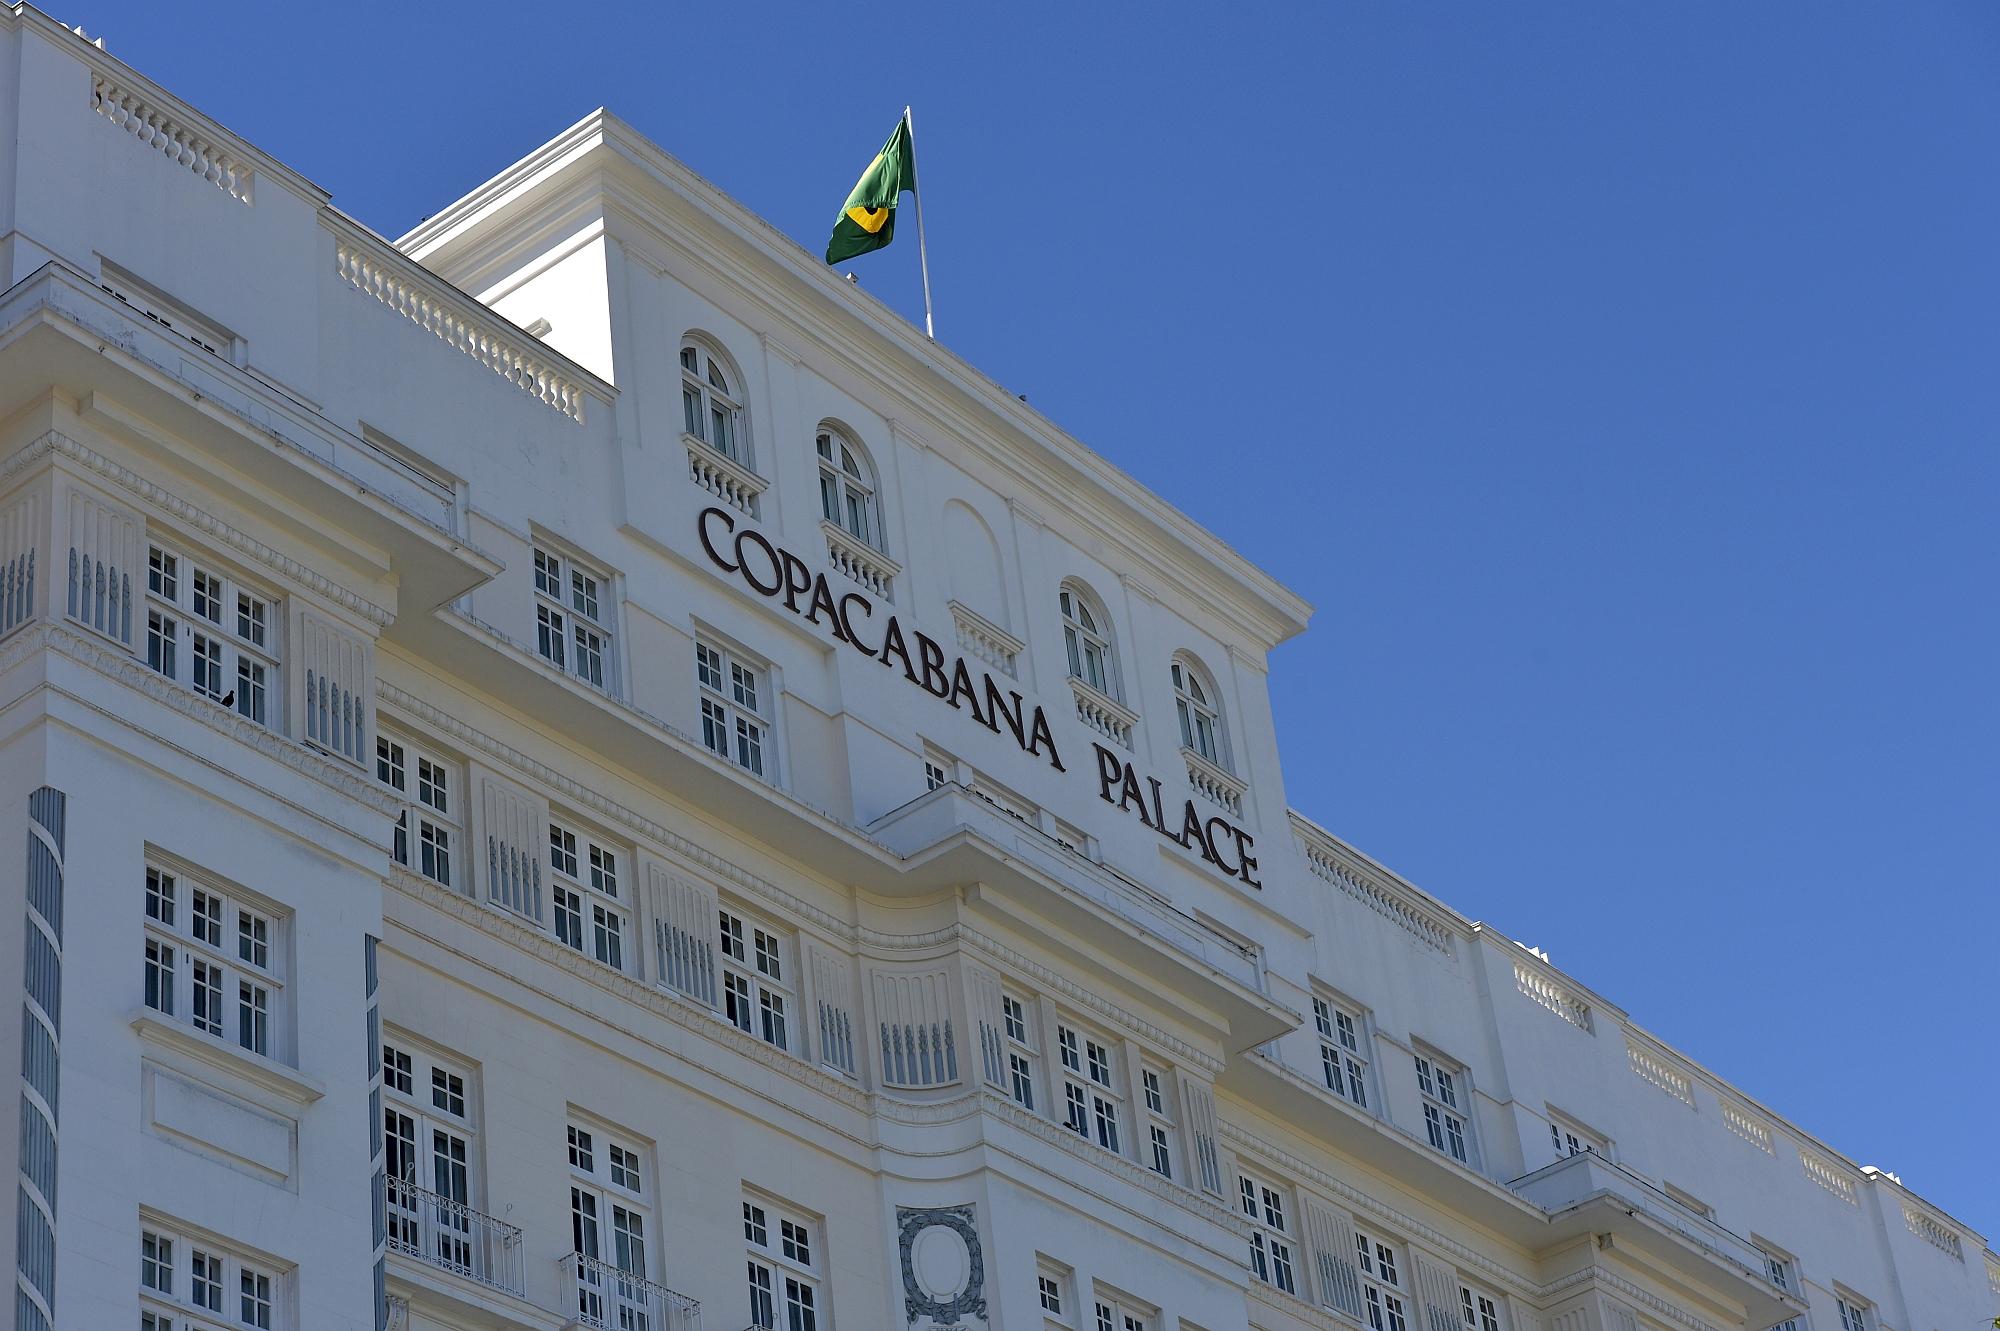 Copacabana Palace, no Rio, um dos mais famosos hotéis do Brasil